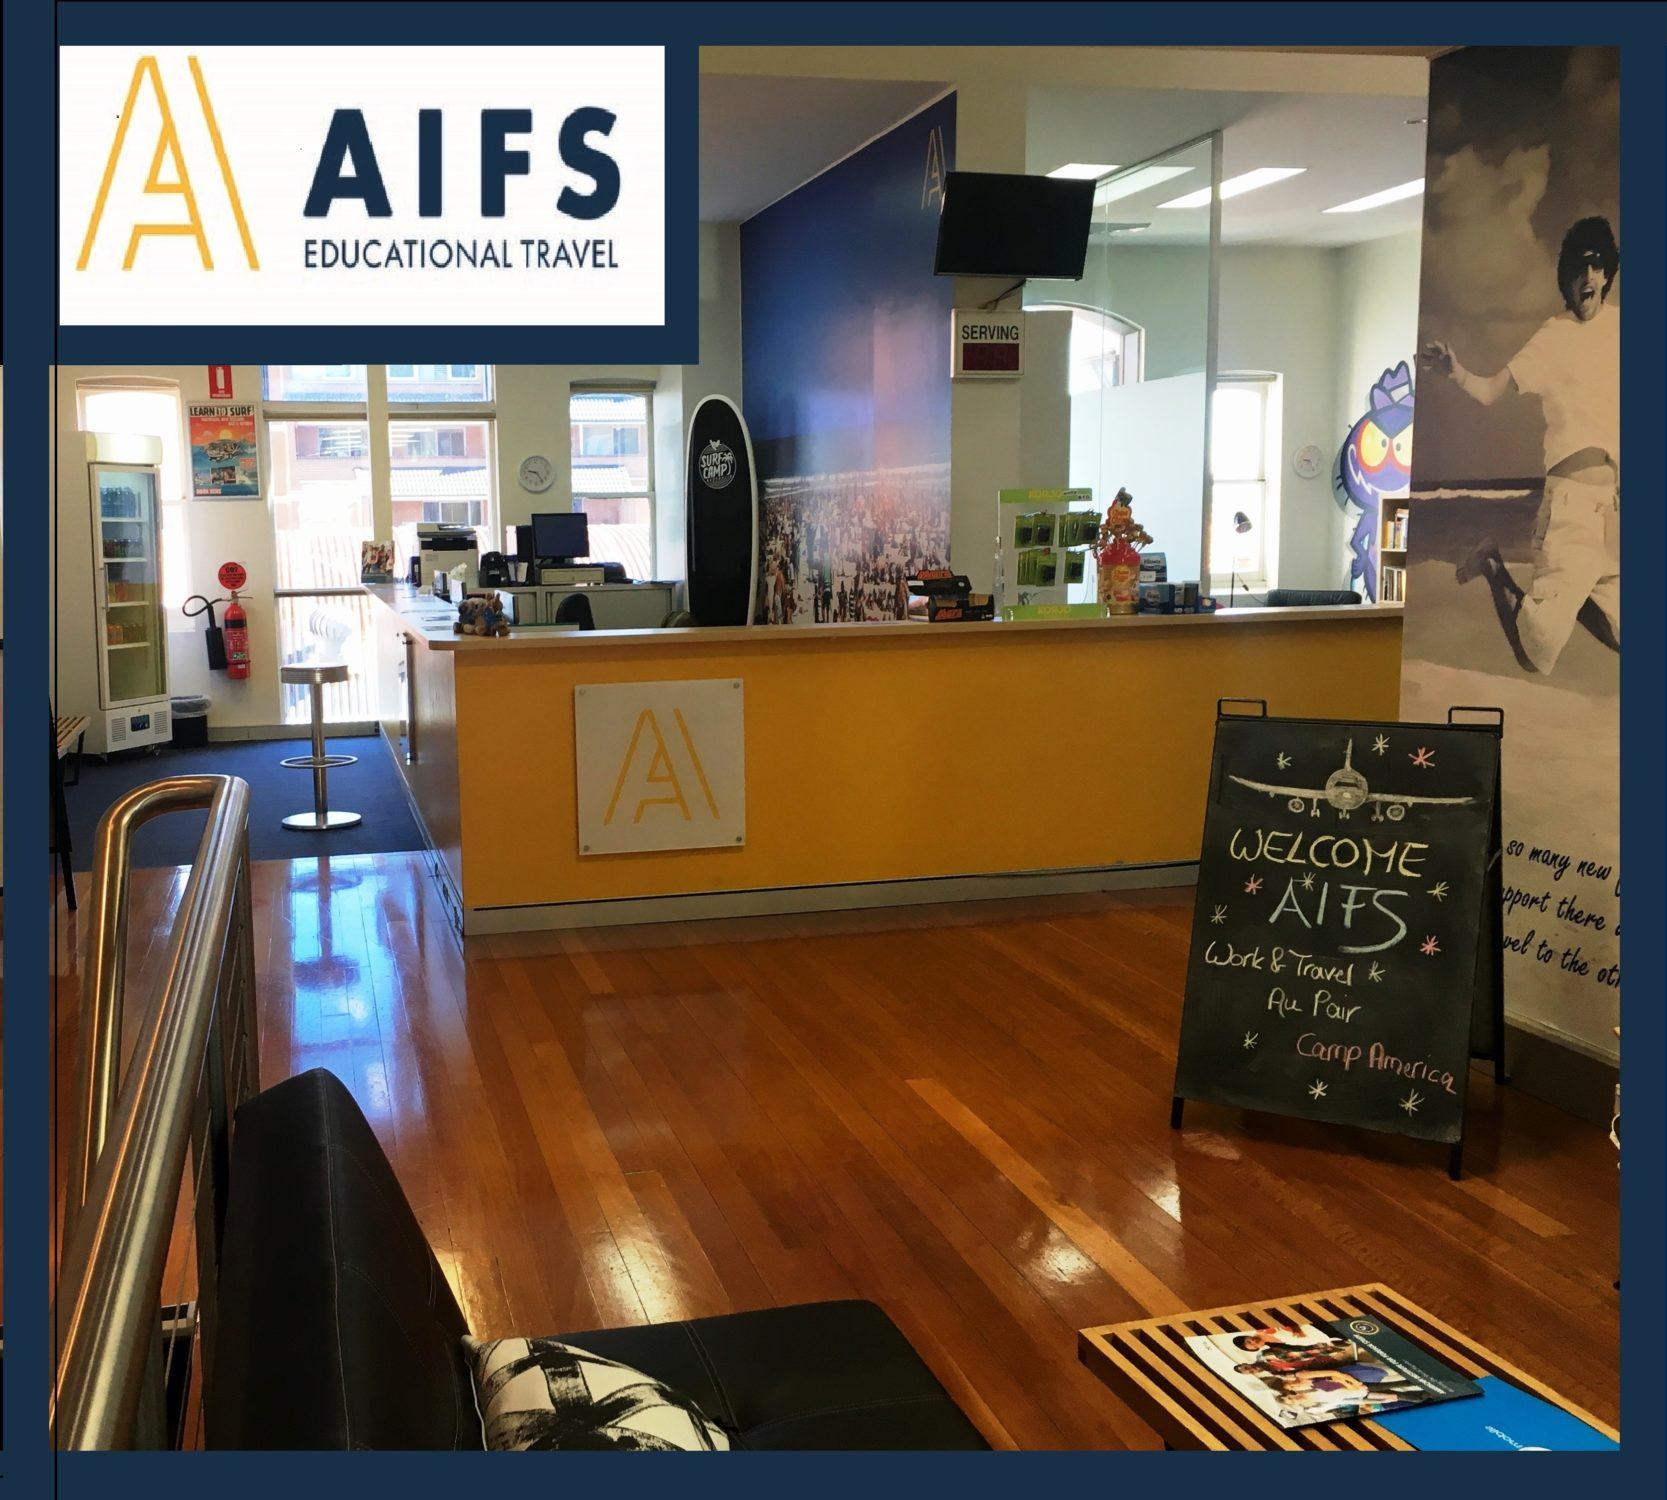 AIFS (Australia) Pty Ltd